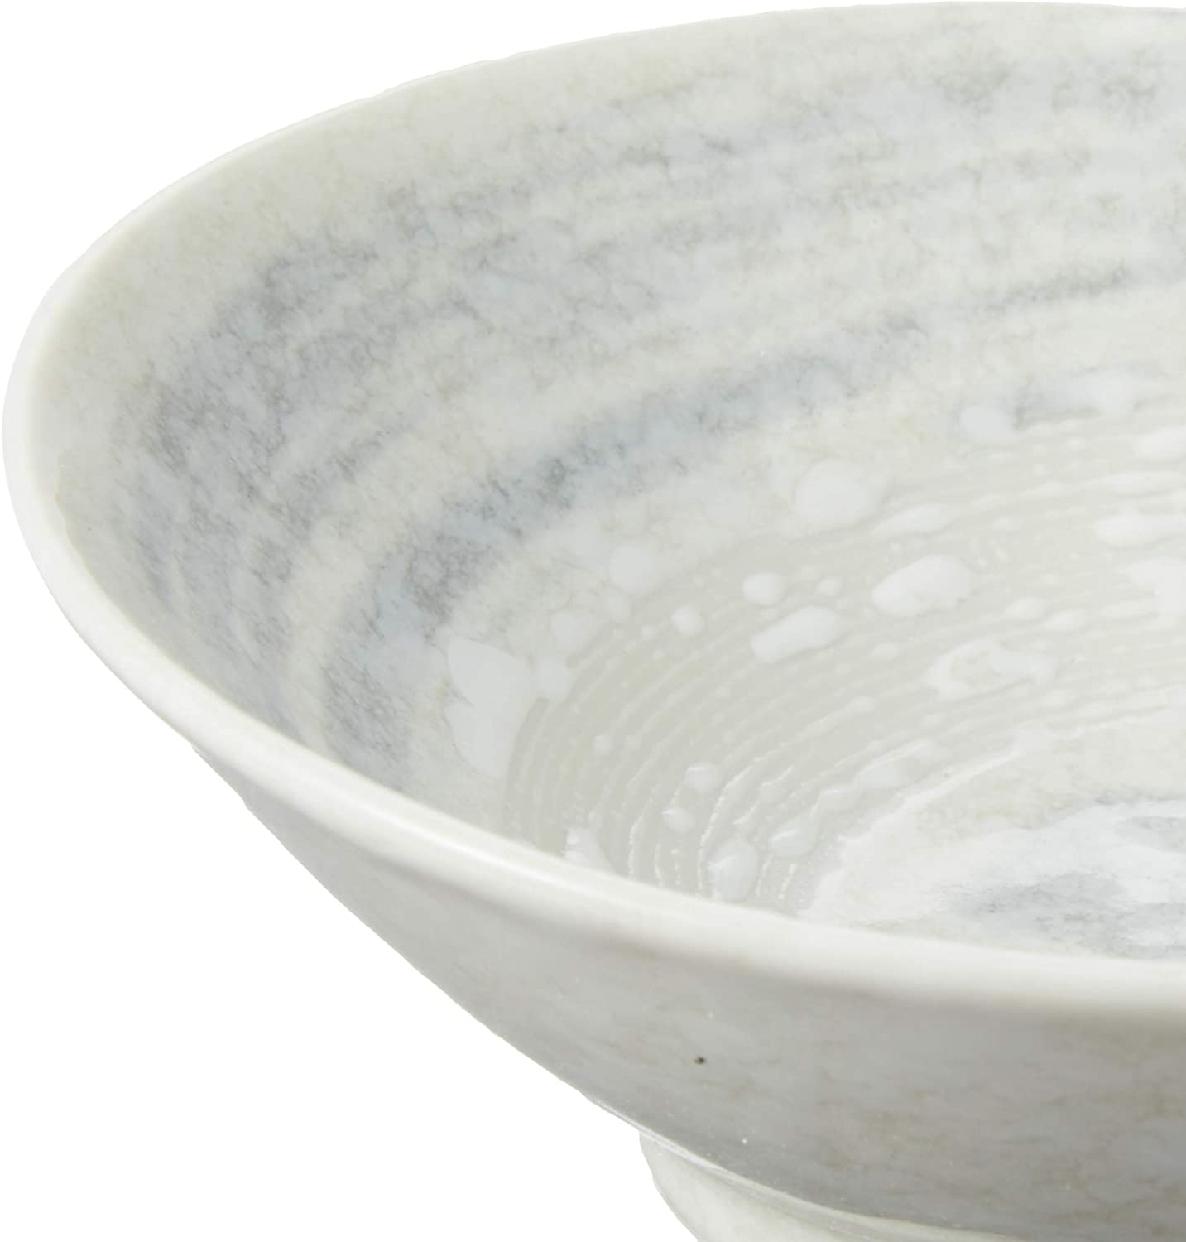 せともの本舗(セトモノホンポ) 早瀬 呑水の商品画像5